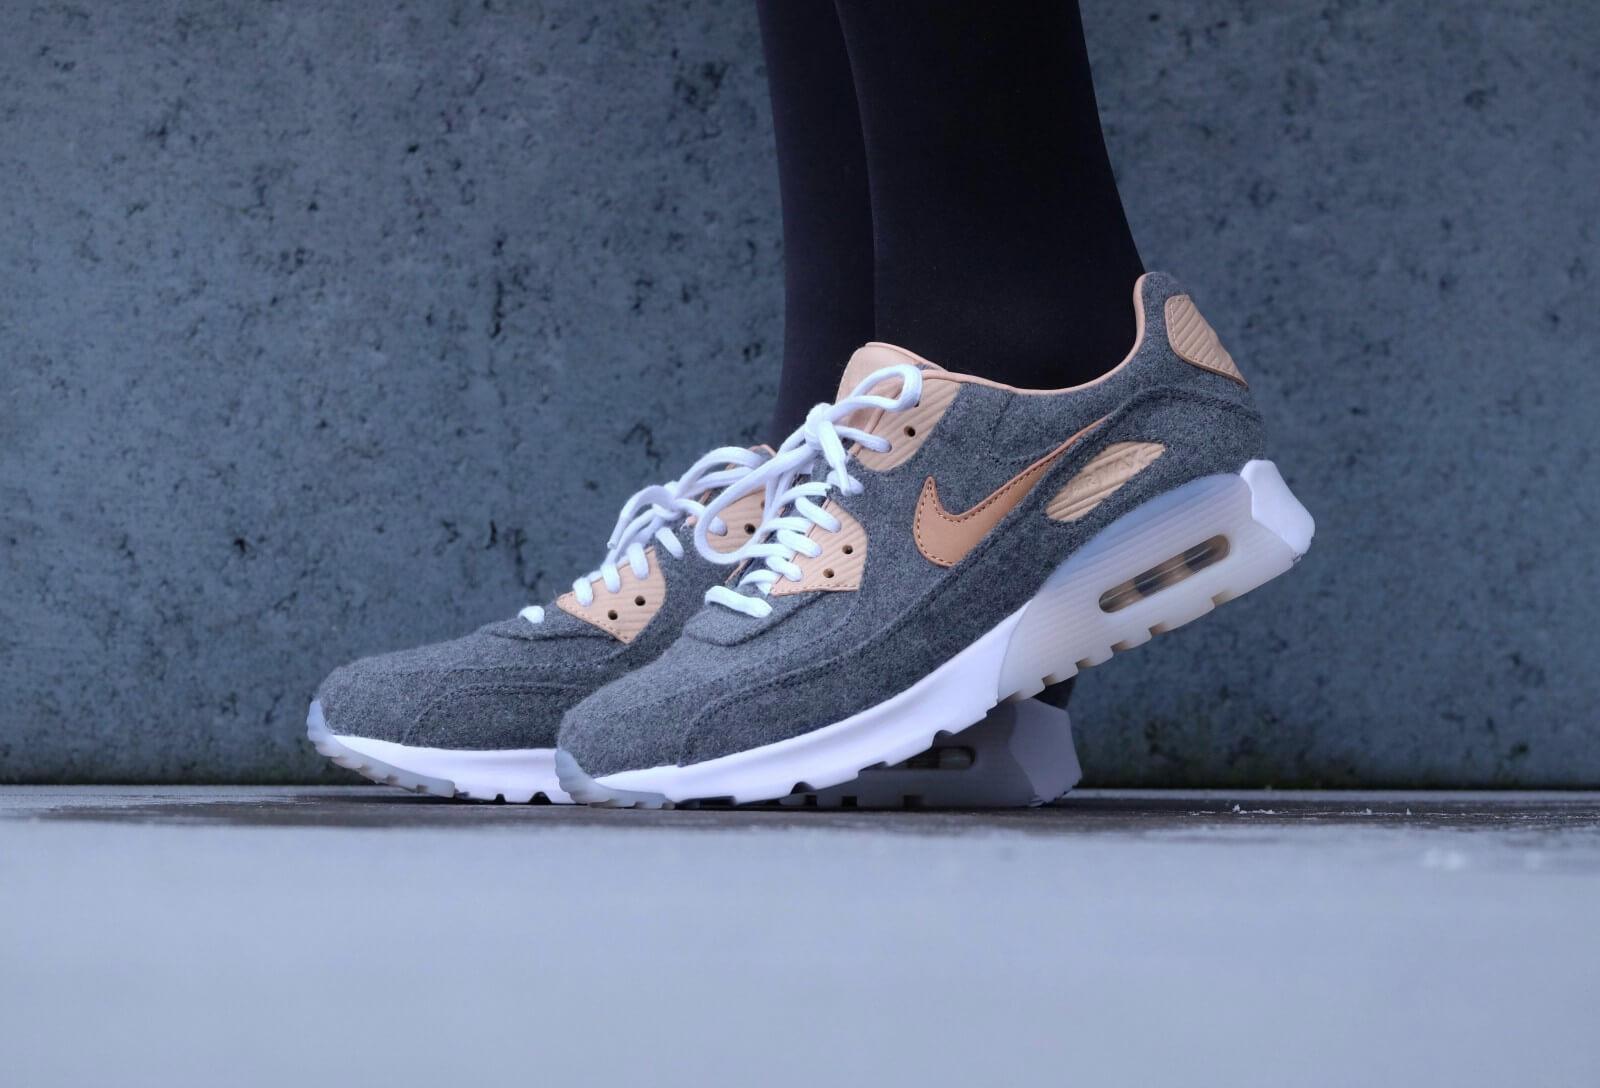 Nike WMNS Air Max 90 Ultra PRM Cool greyvachetta tan white 859522 001